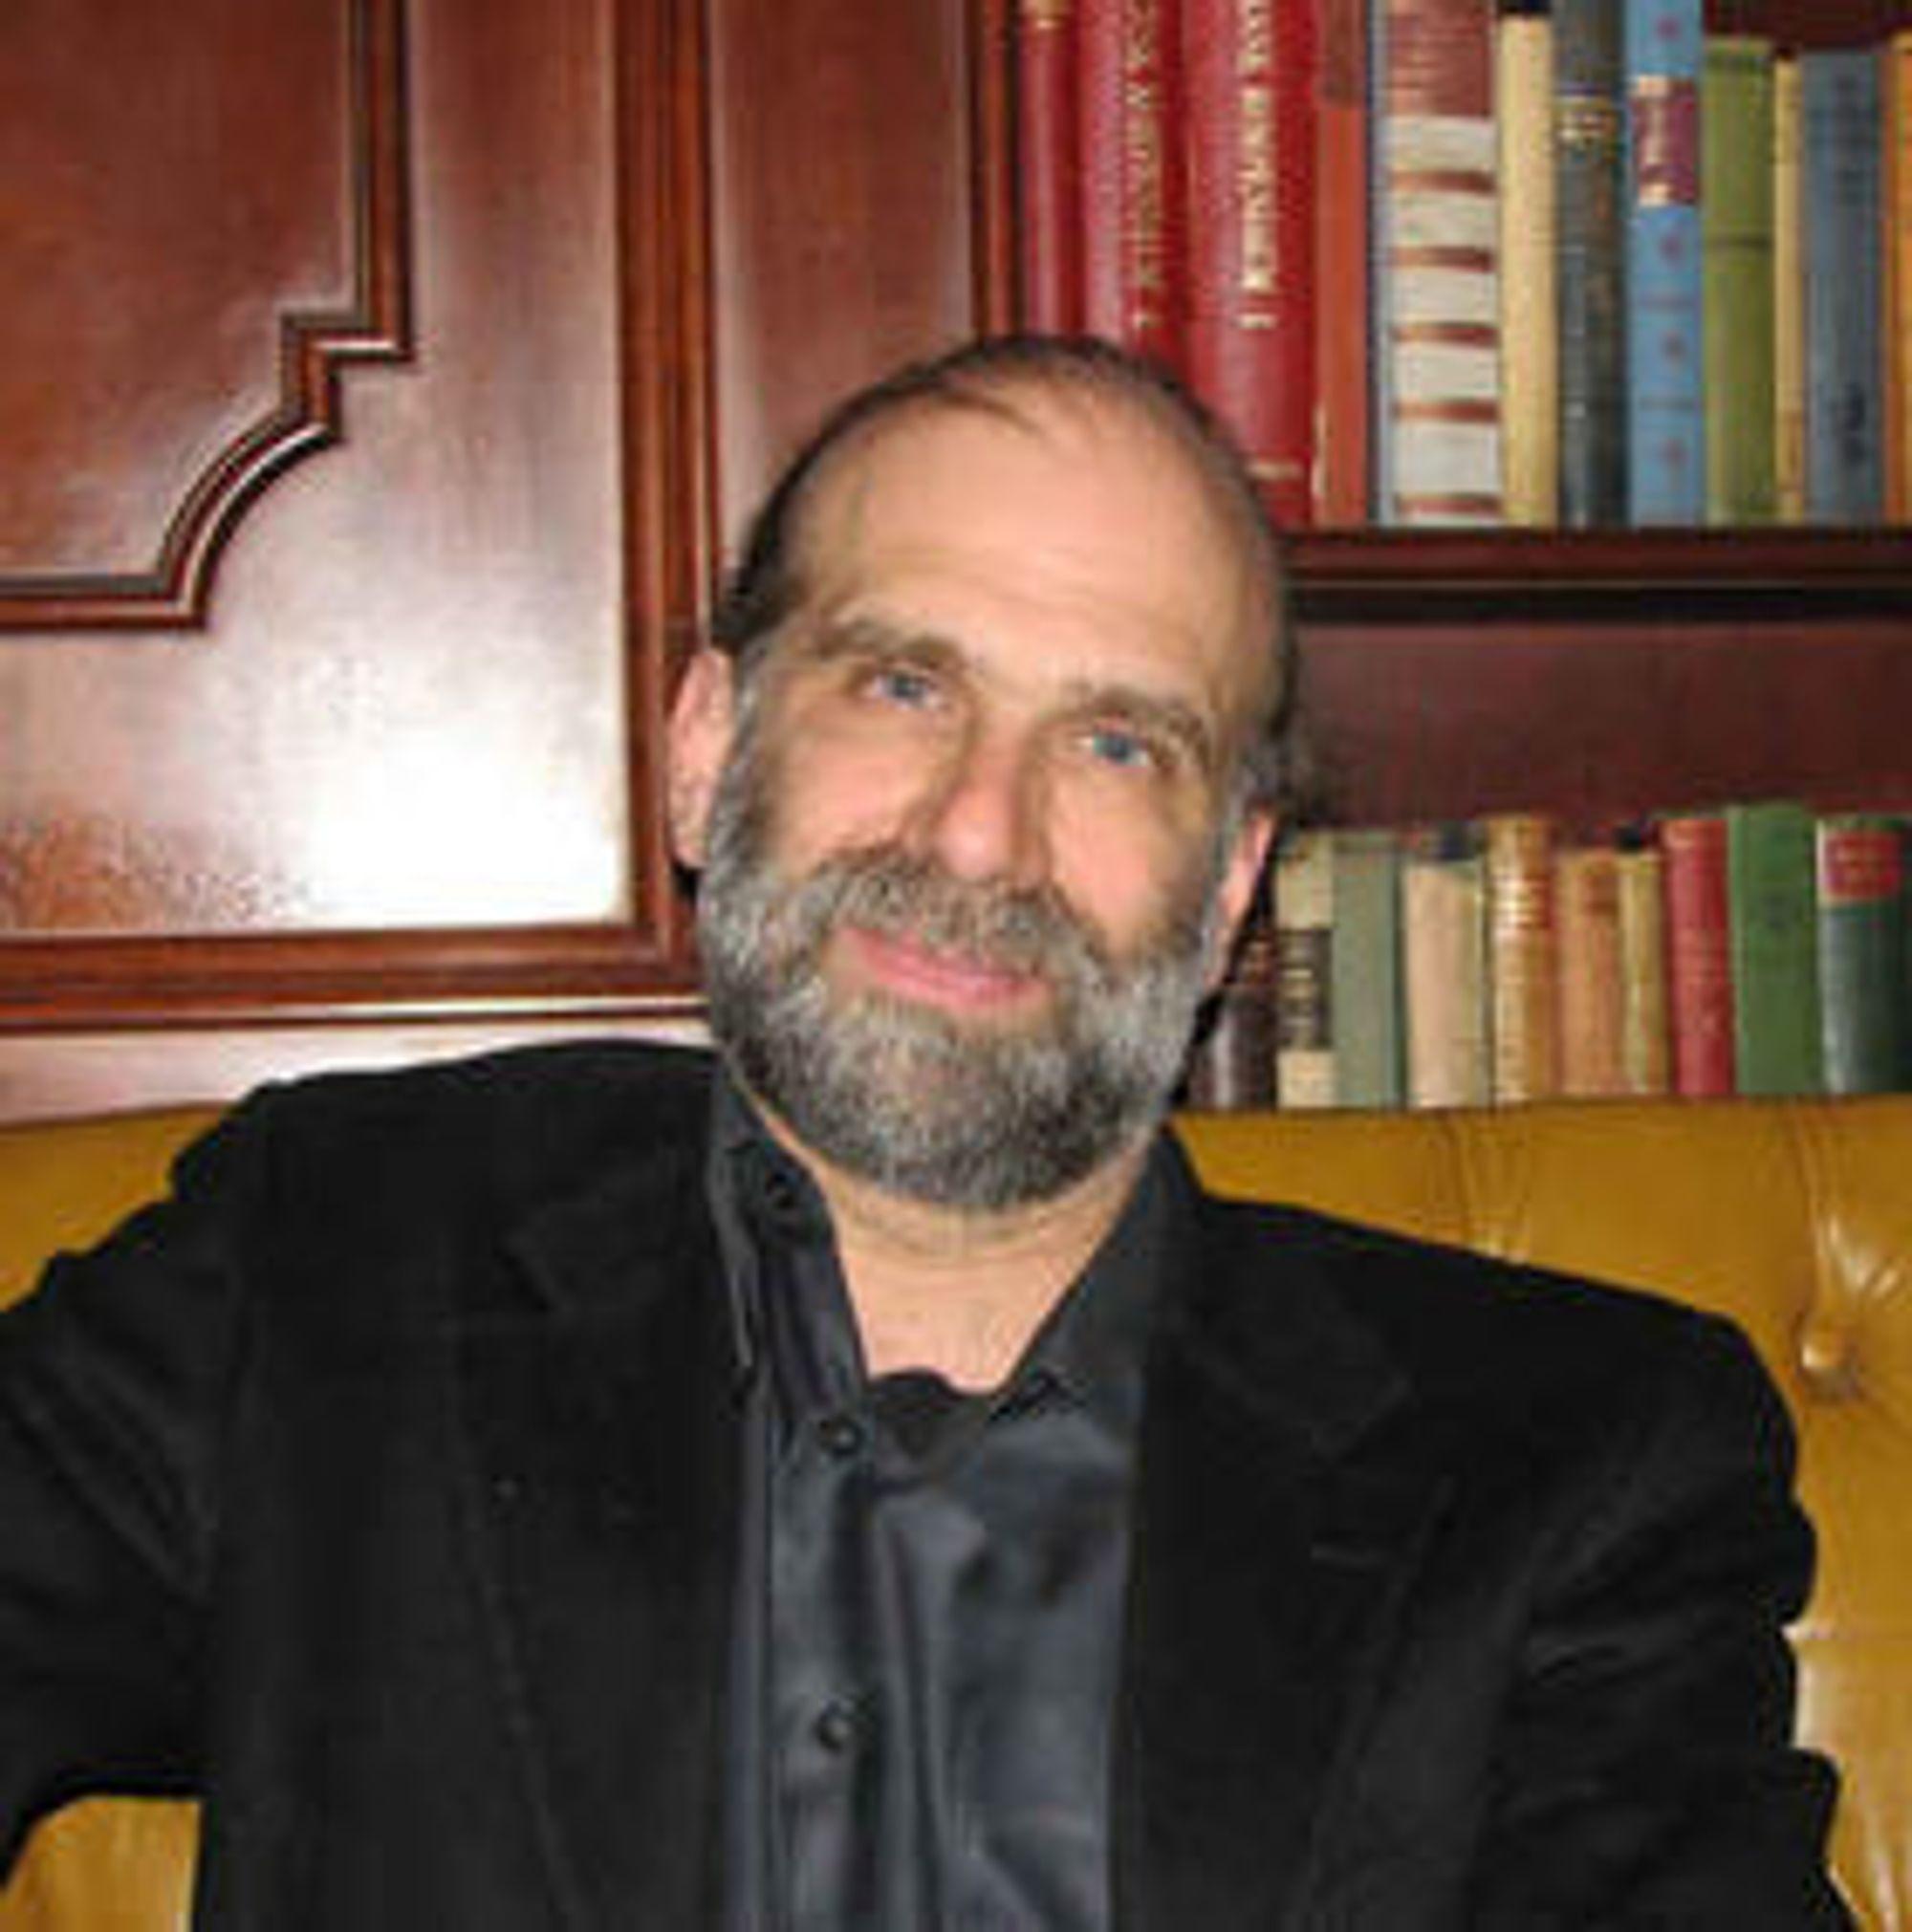 Kryptografi er vanskelig, sier Bruce Schneier. Han er ikke bekymret for al-Qaidas bruk av nye krypteringsverktøy.